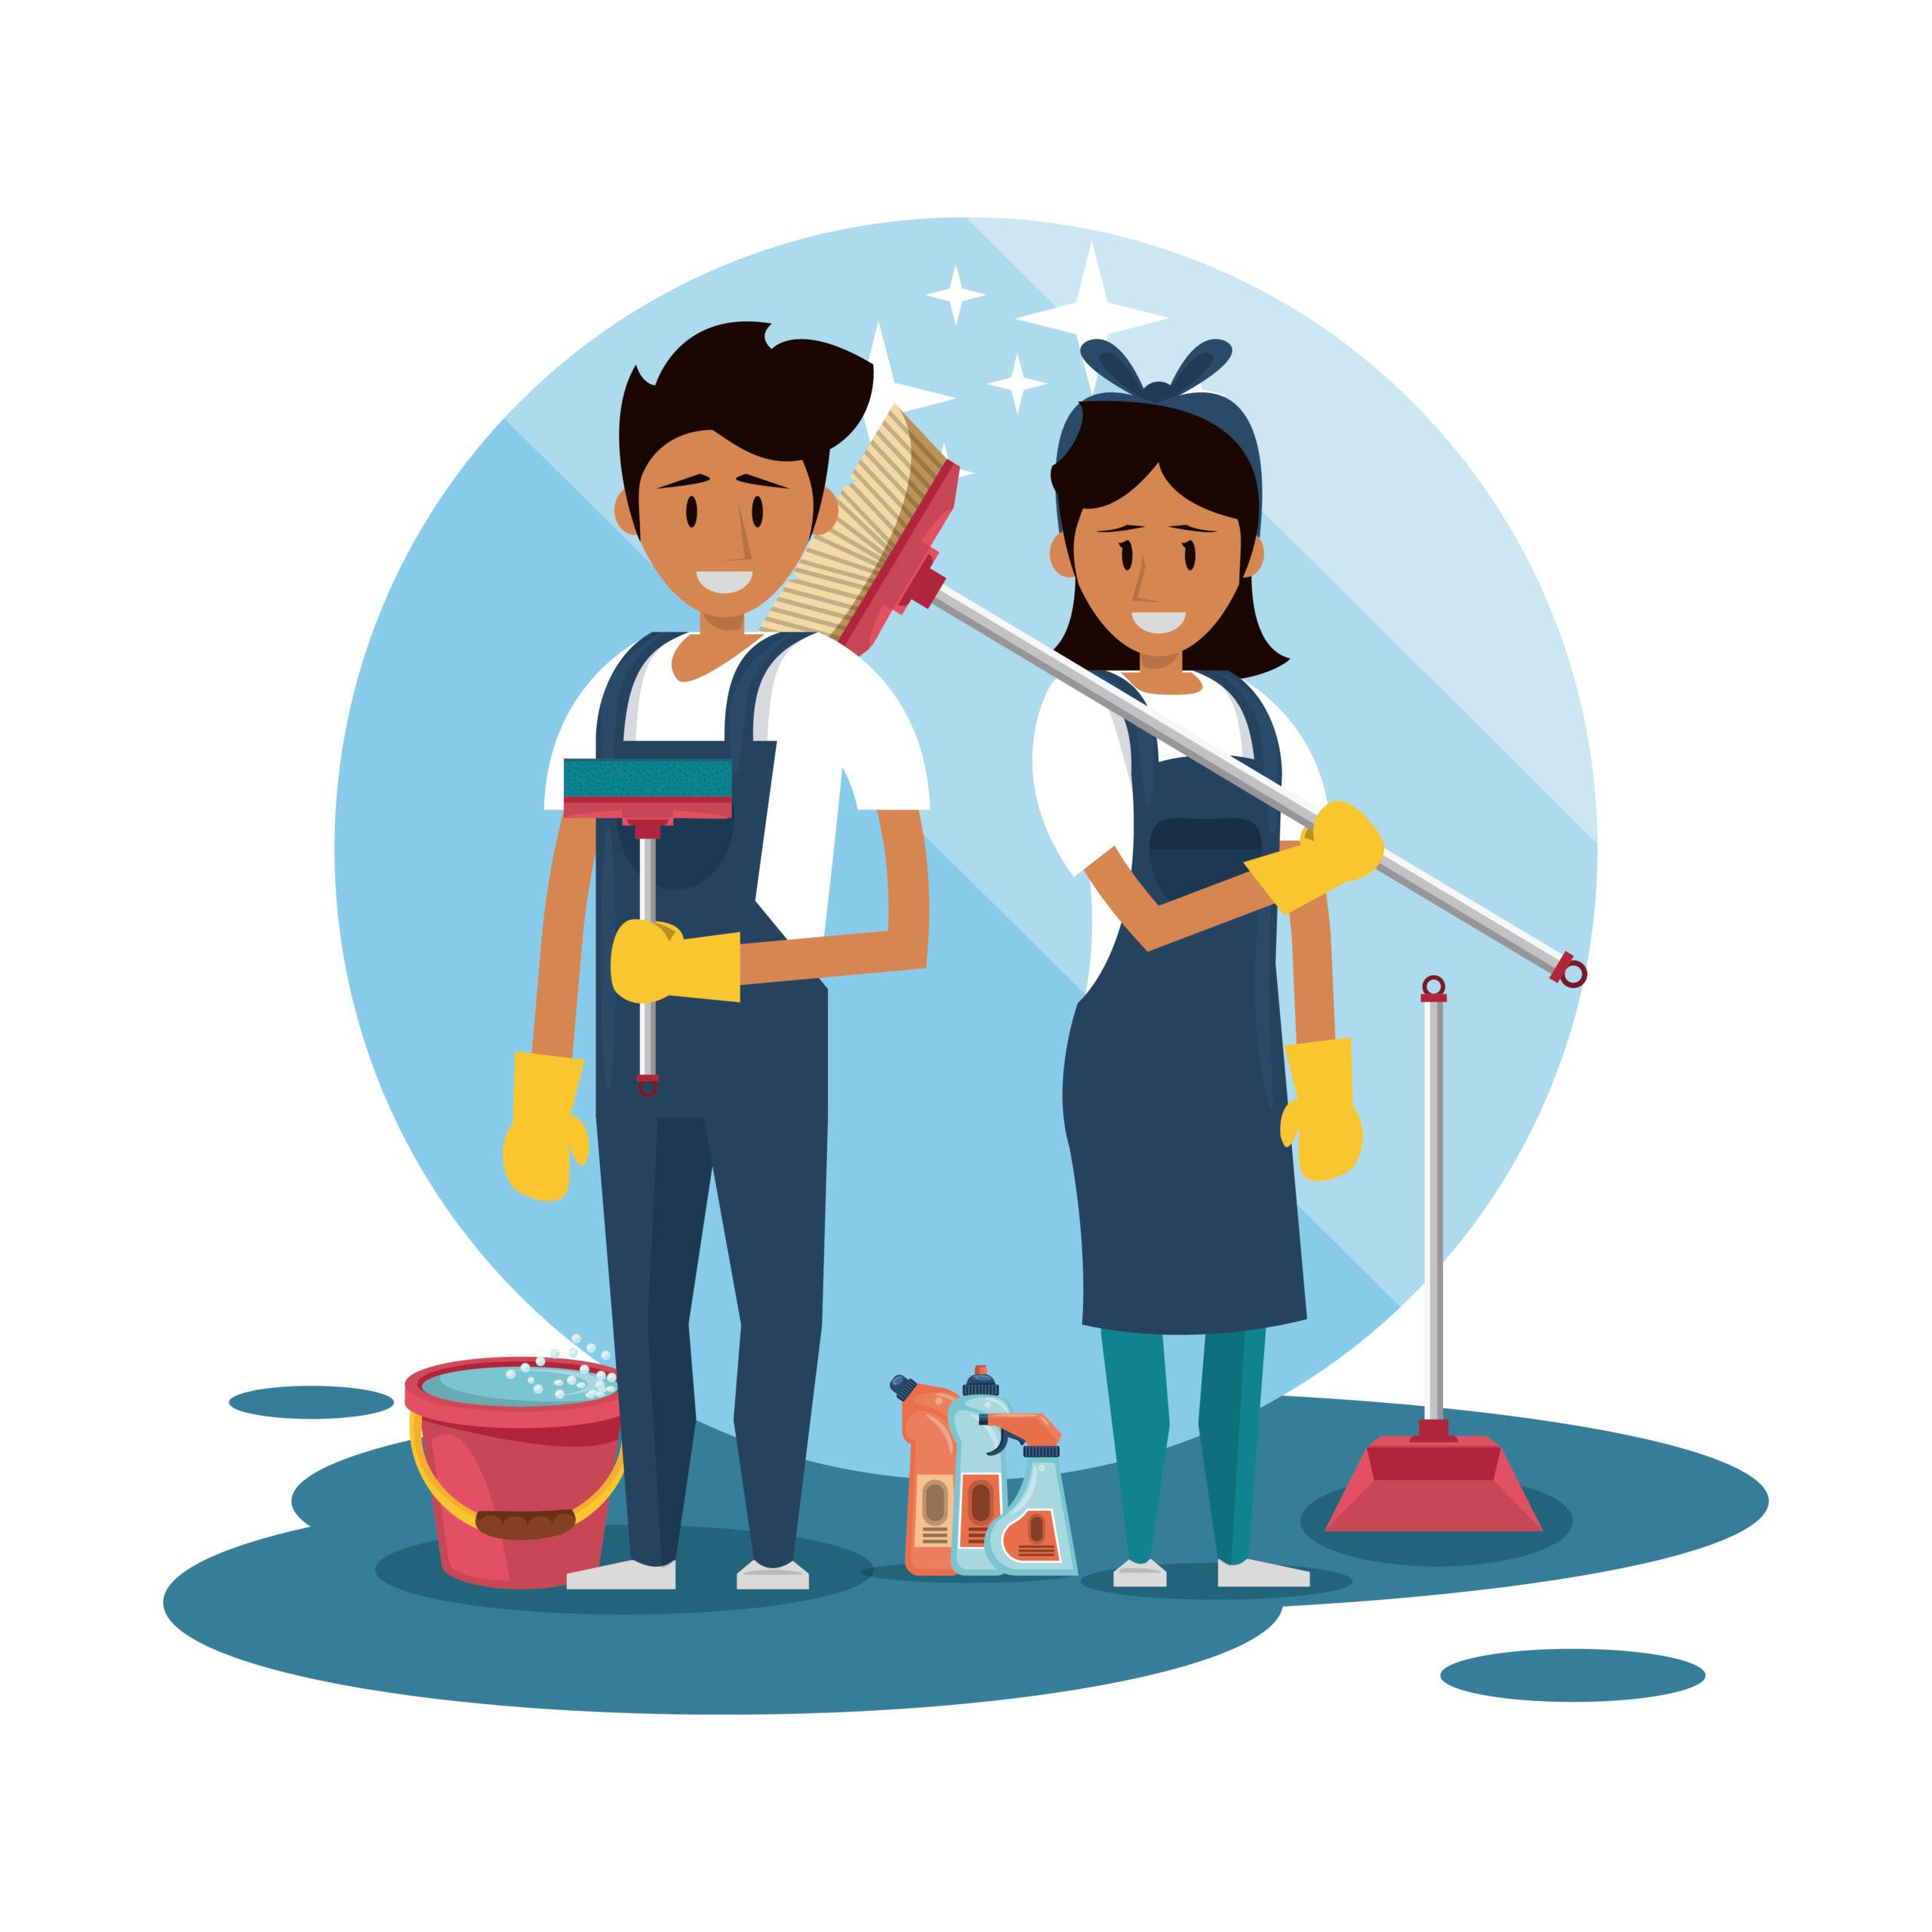 illustration équipe de nettoyage